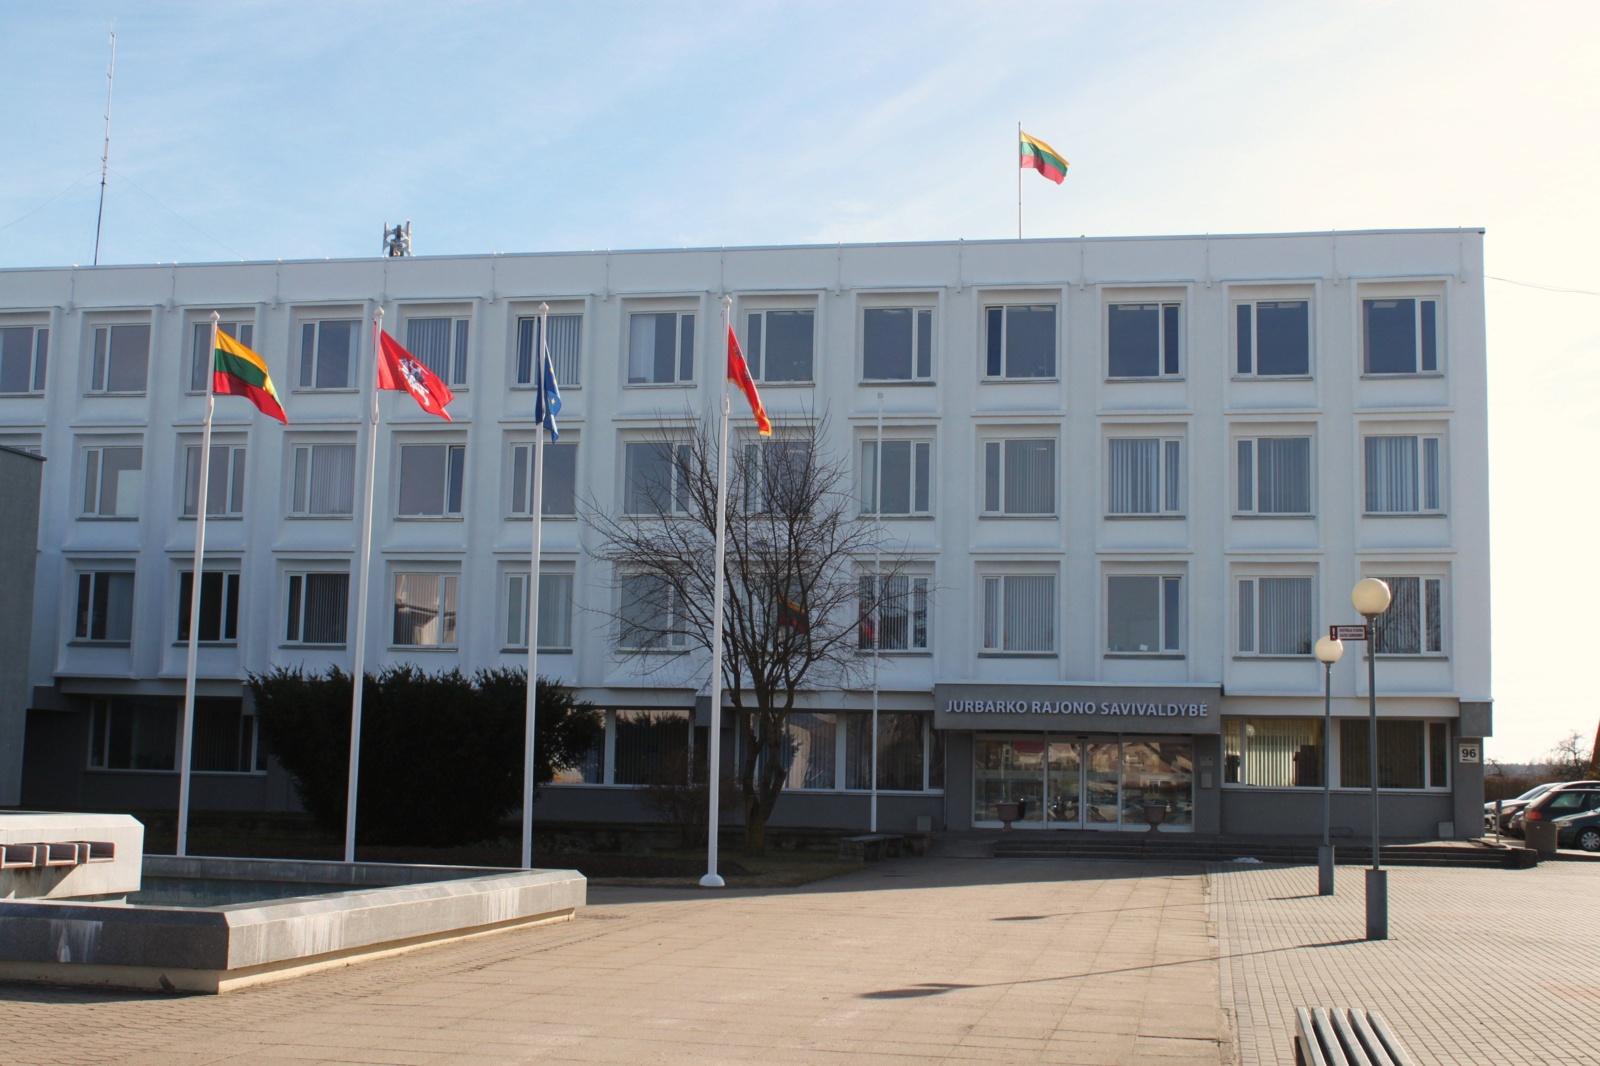 Bus tiriamas Jurbarko rajono savivaldybės administracijos direktorės V. Rekešienės elgesys